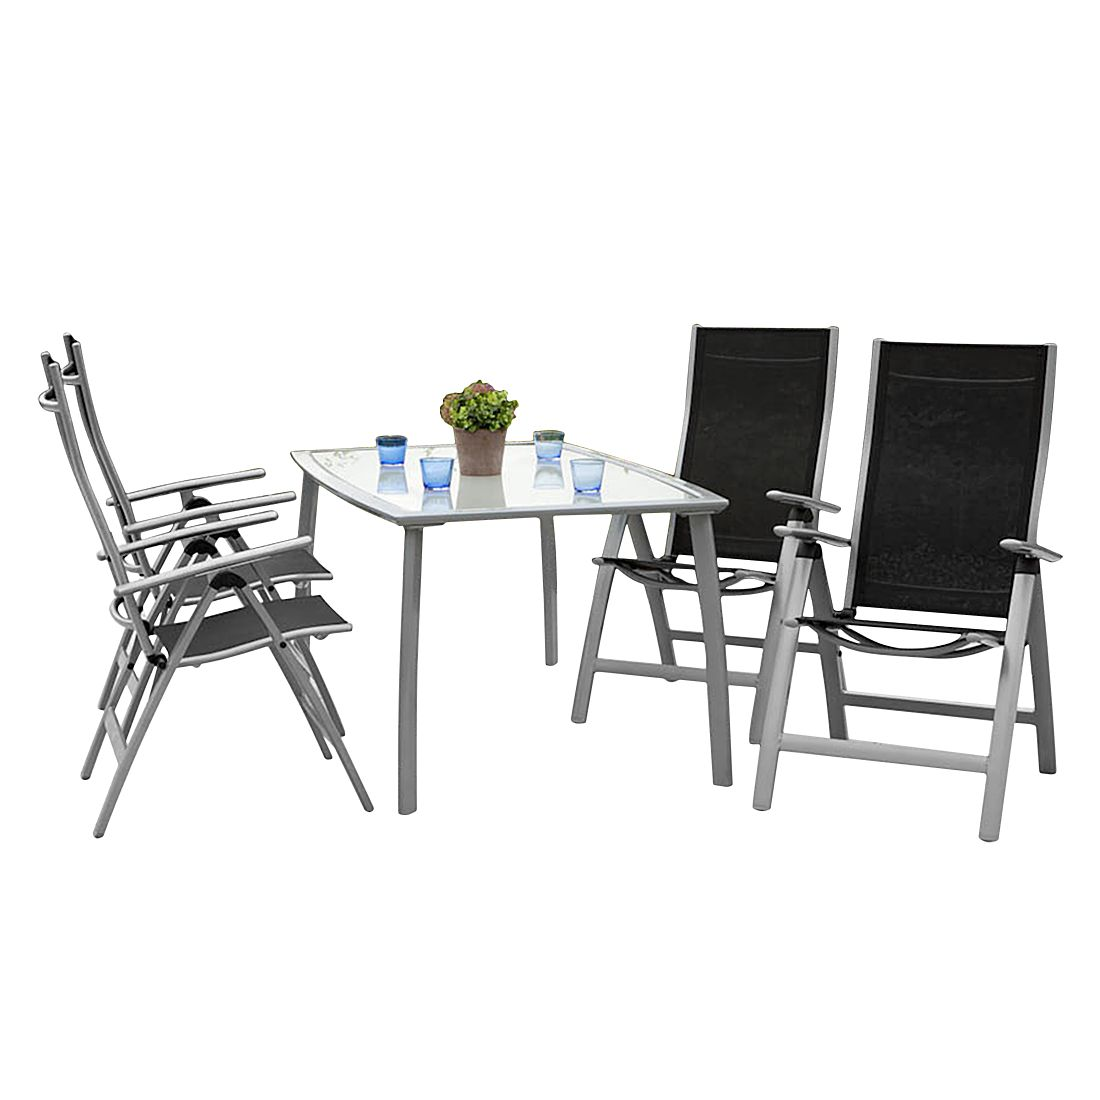 Gartenessgruppe Carrara IV (5-teilig) - Aluminium - Schwarz, Merxx